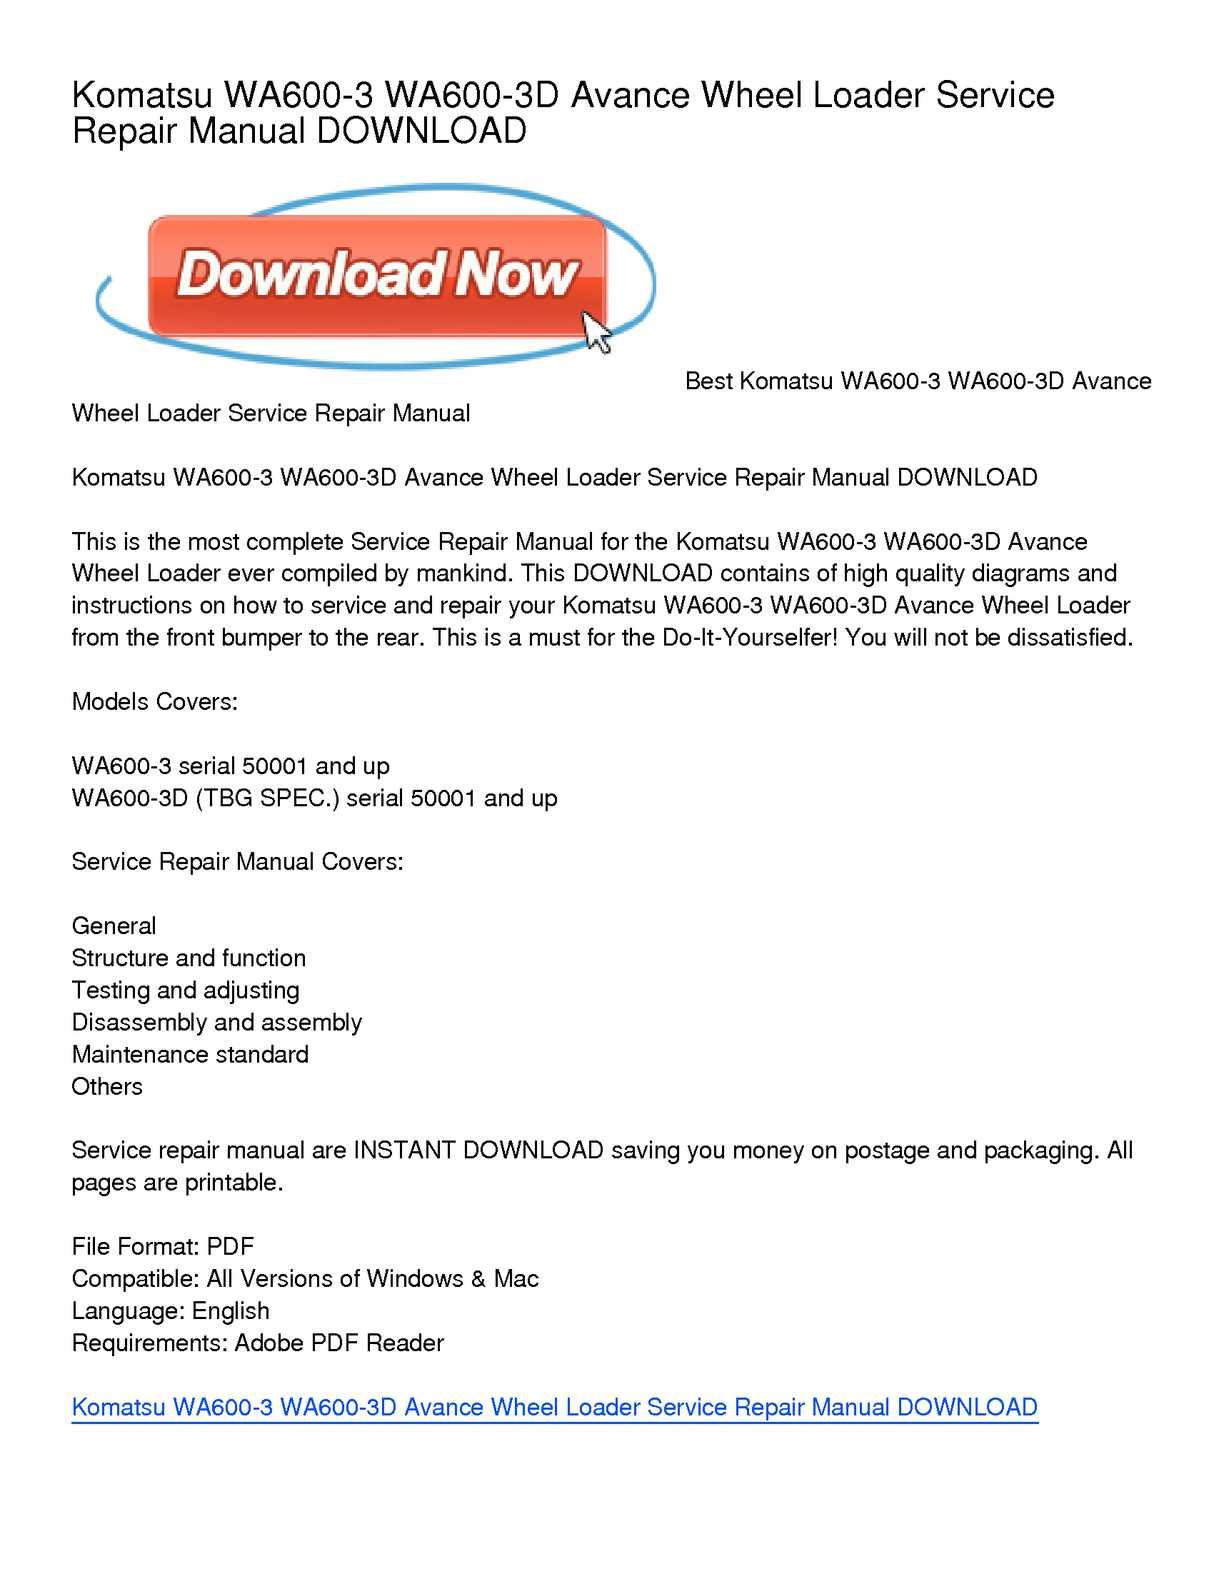 Calaméo - Komatsu WA600-3 WA600-3D Avance Wheel Loader Service Repair Manual  DOWNLOAD